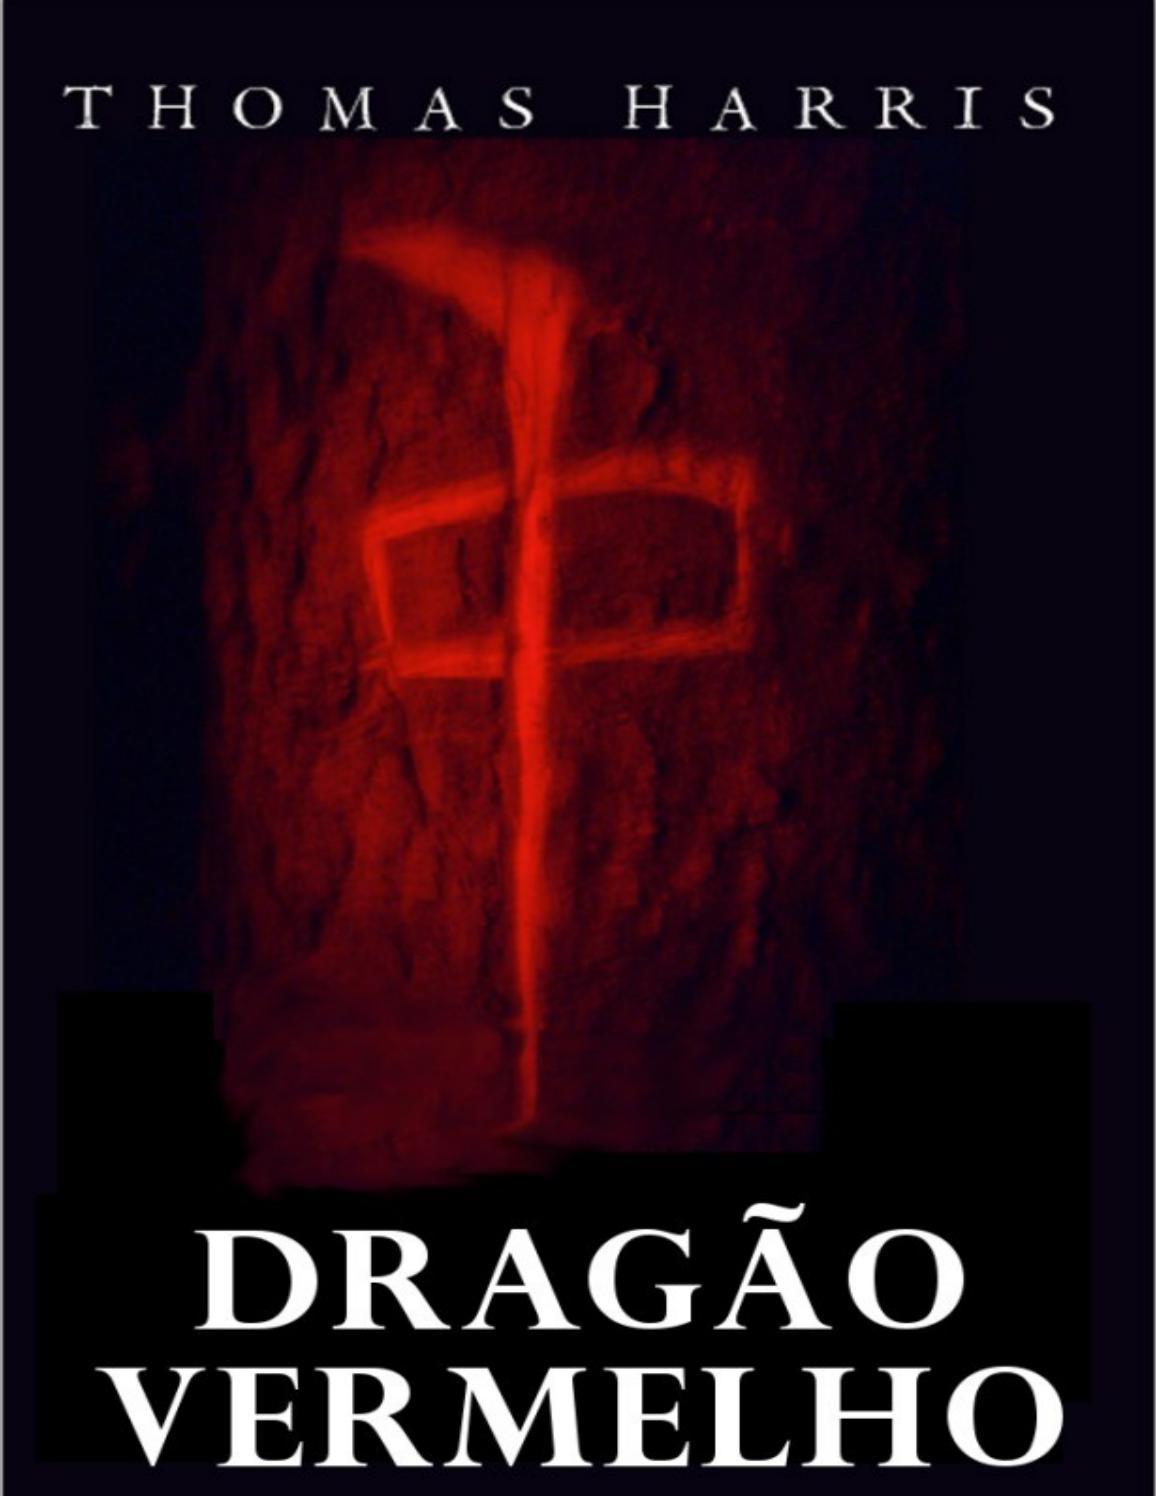 b6b315a94b0f93 Dragao vermelho serie hanniba thomas harris by Henrique Sartori - issuu